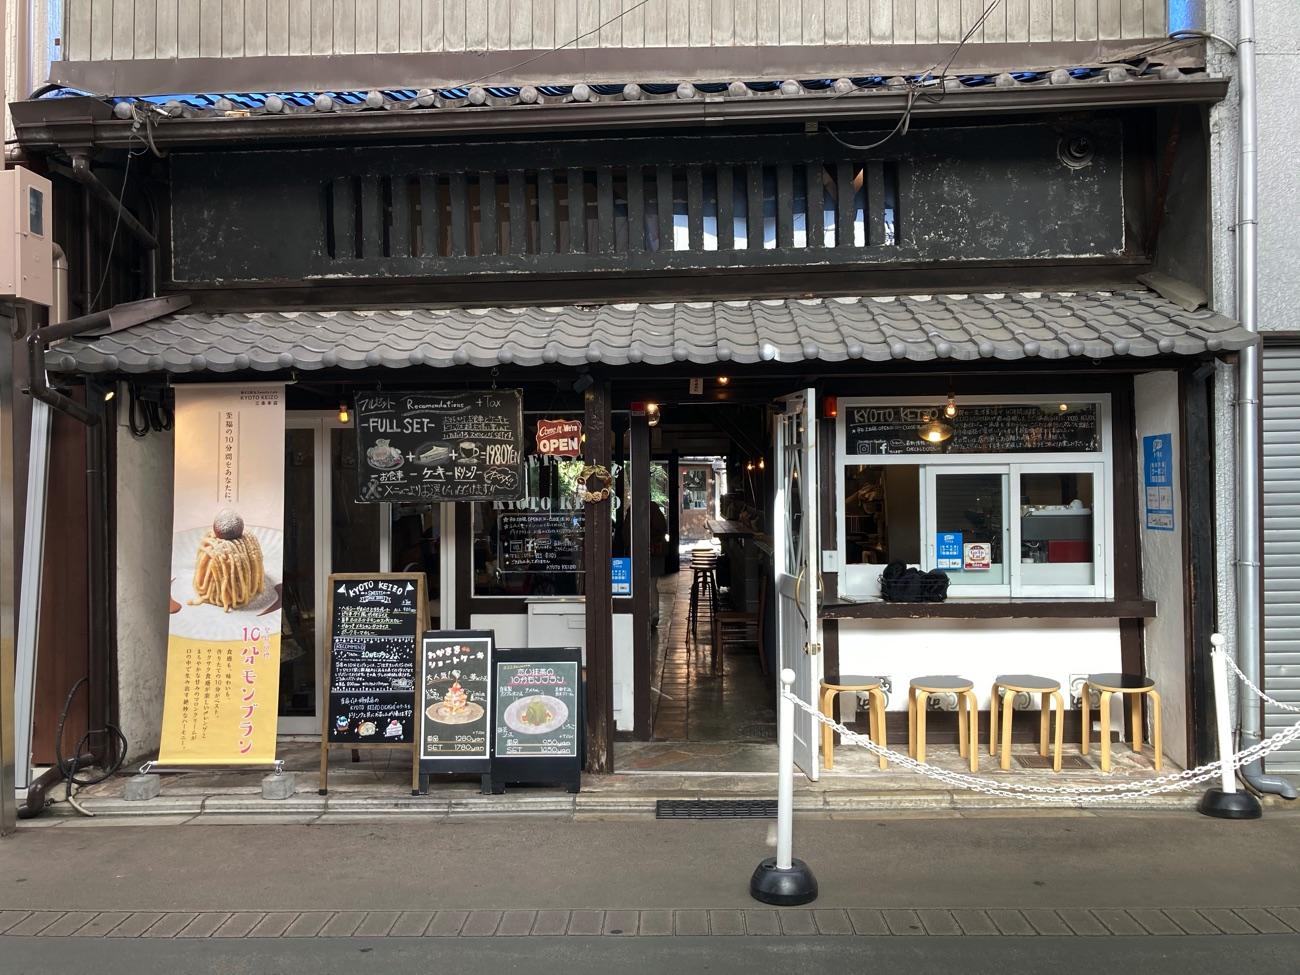 「菓子工房 & Sweets Cafe KYOTO KEIZO」の外観